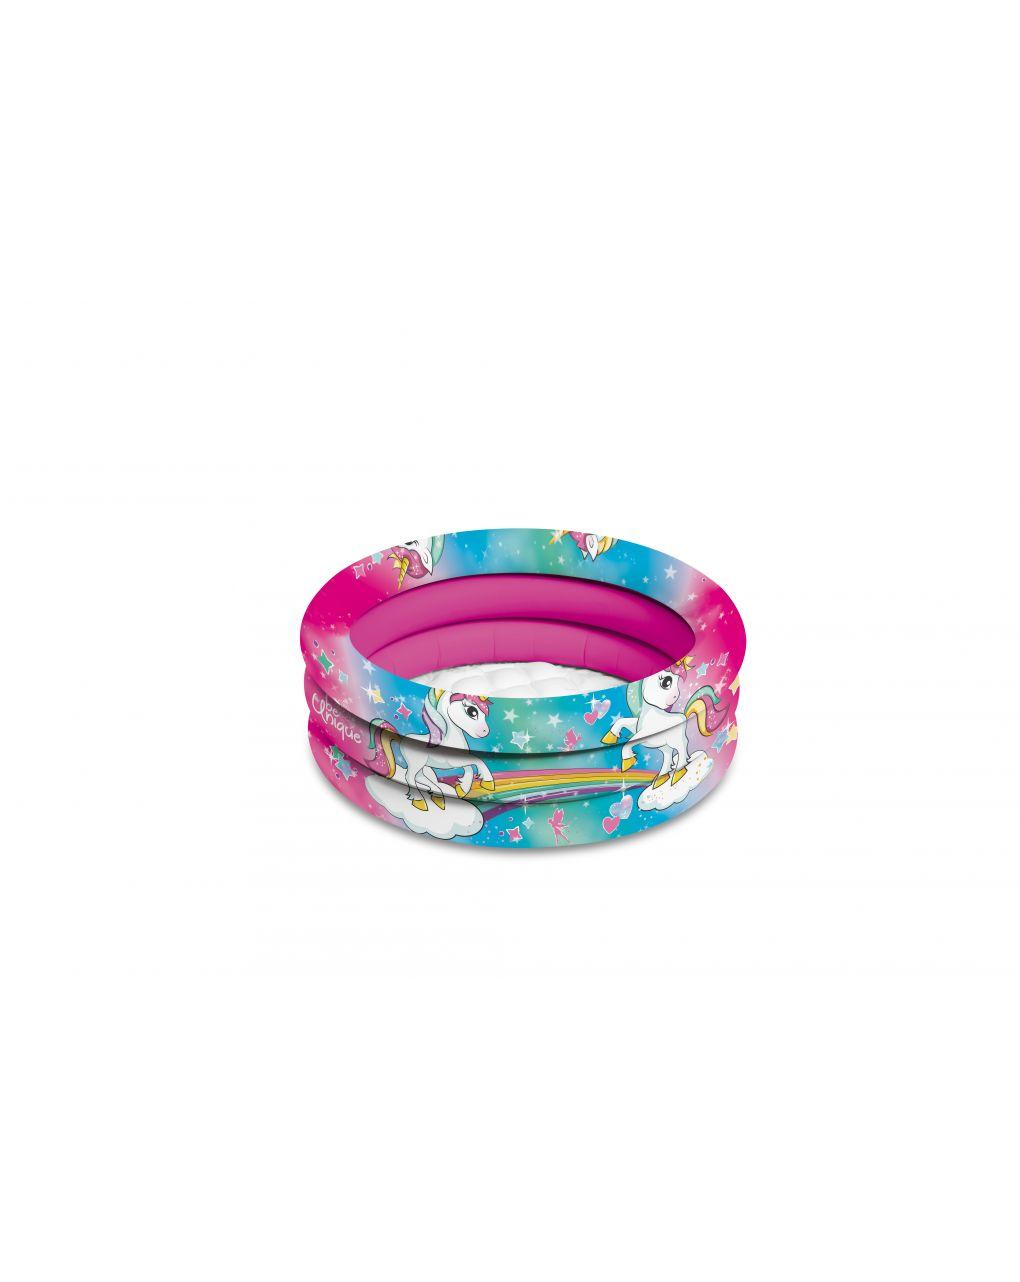 Mondo - unicorn piscina 3 anelli d. 60 cm - Mondo